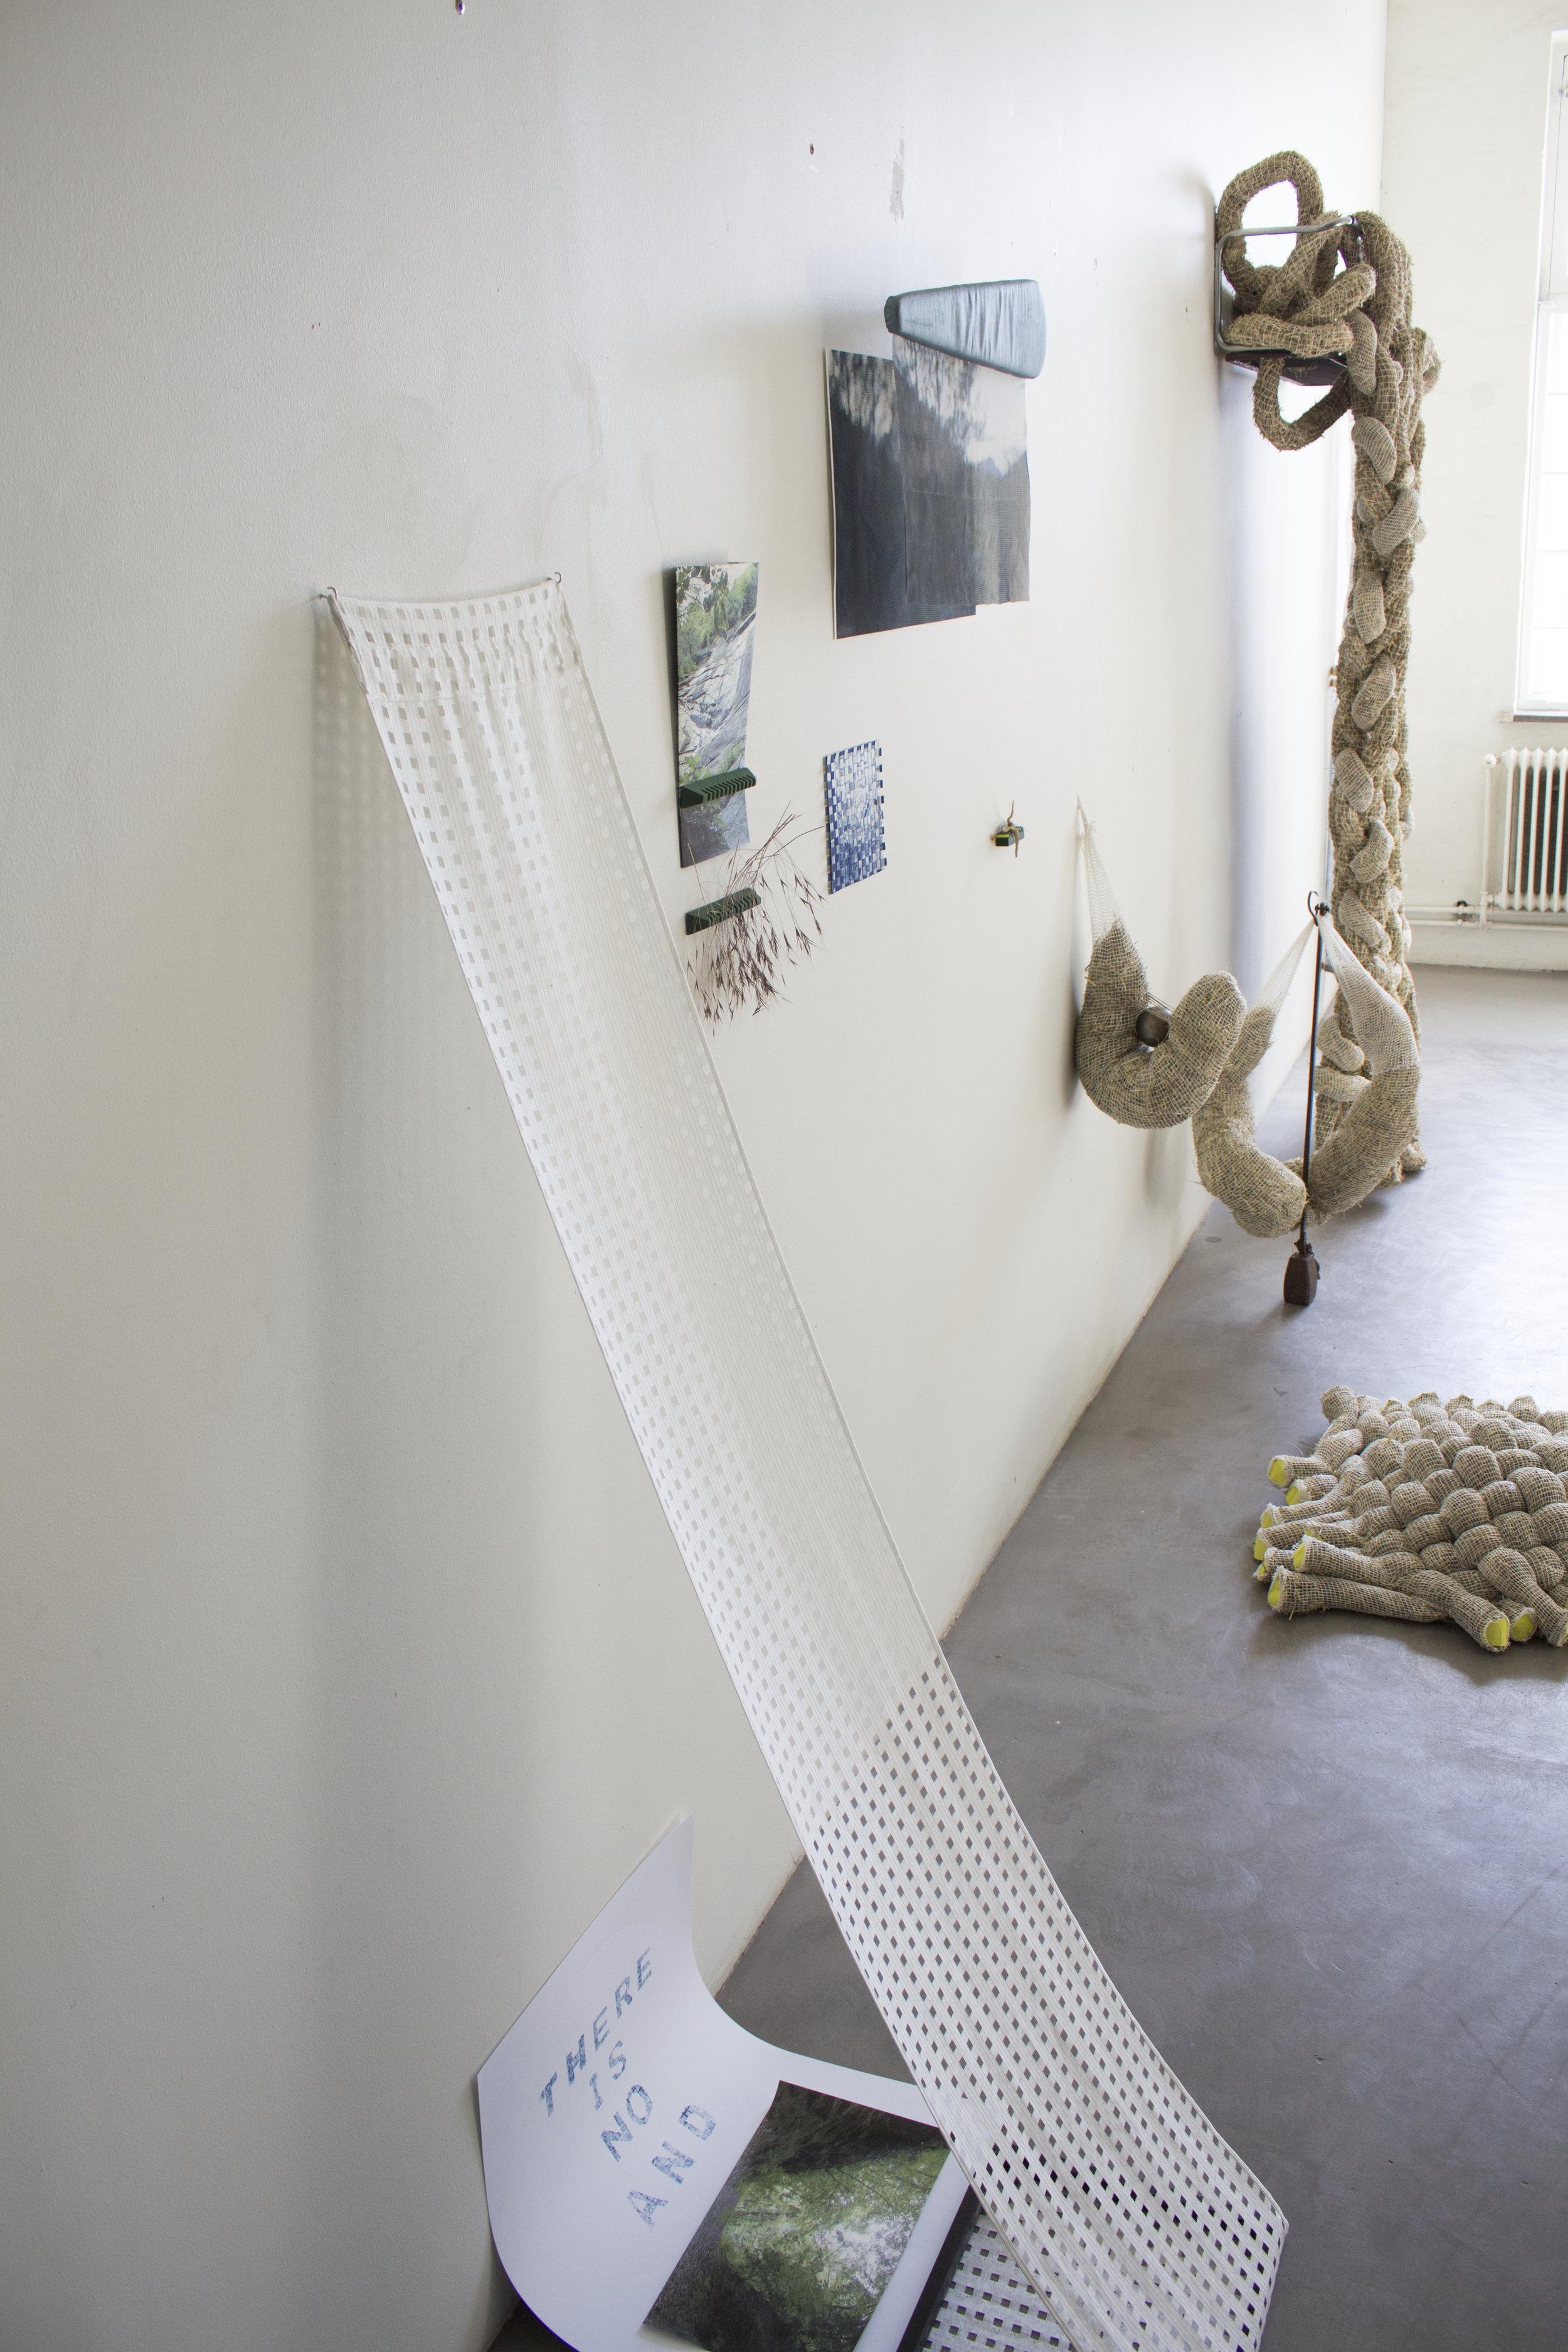 installation shot,Konstnärernas Kollektiva Grafikverkstad, Malmö  July 2017